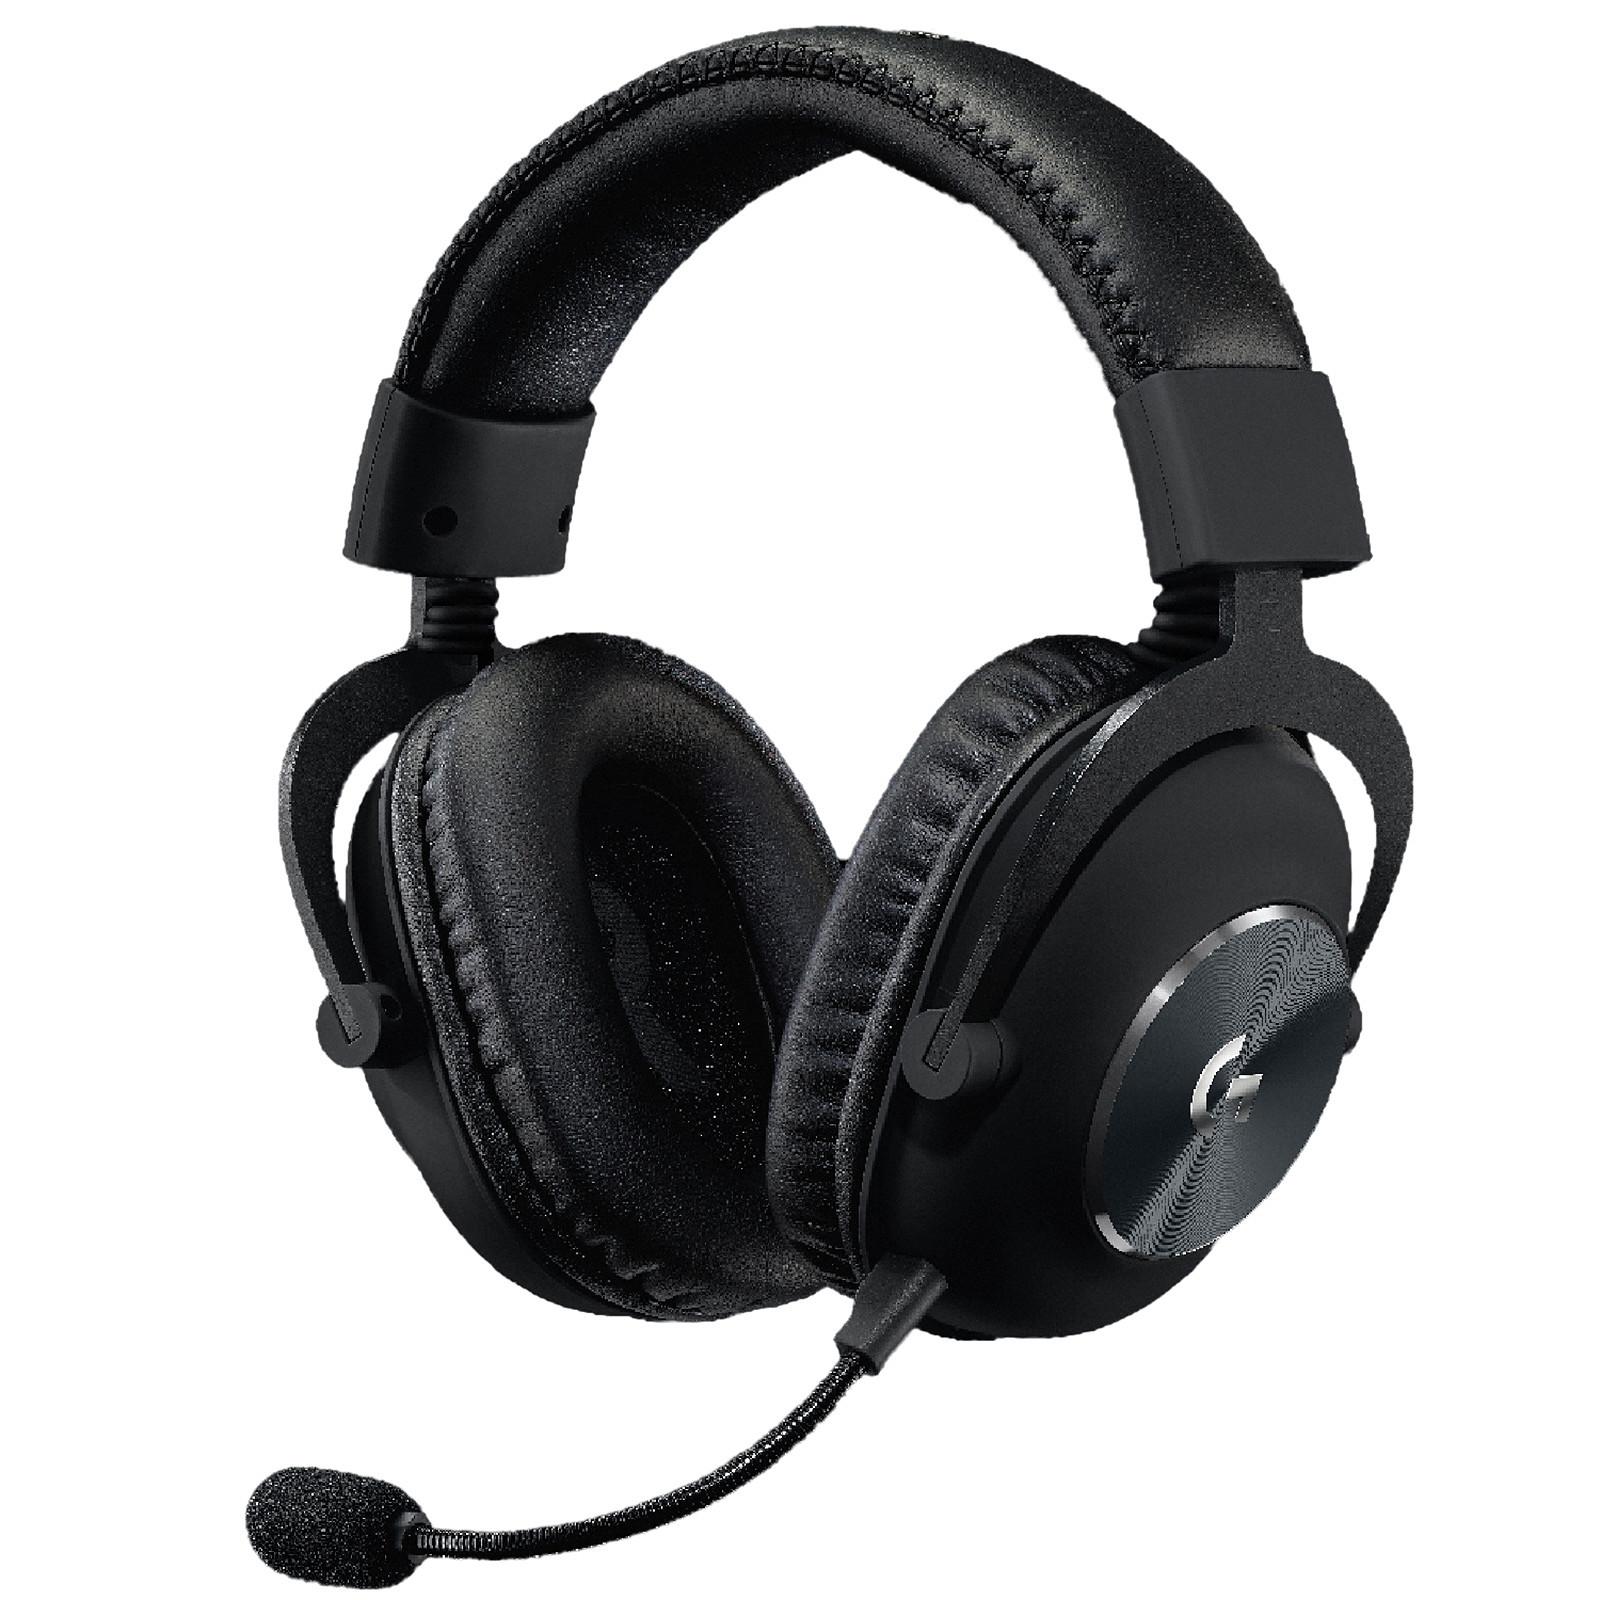 Descripción Logitech G Pro X Lightspeed Auriculares Gaming Inalámbricos